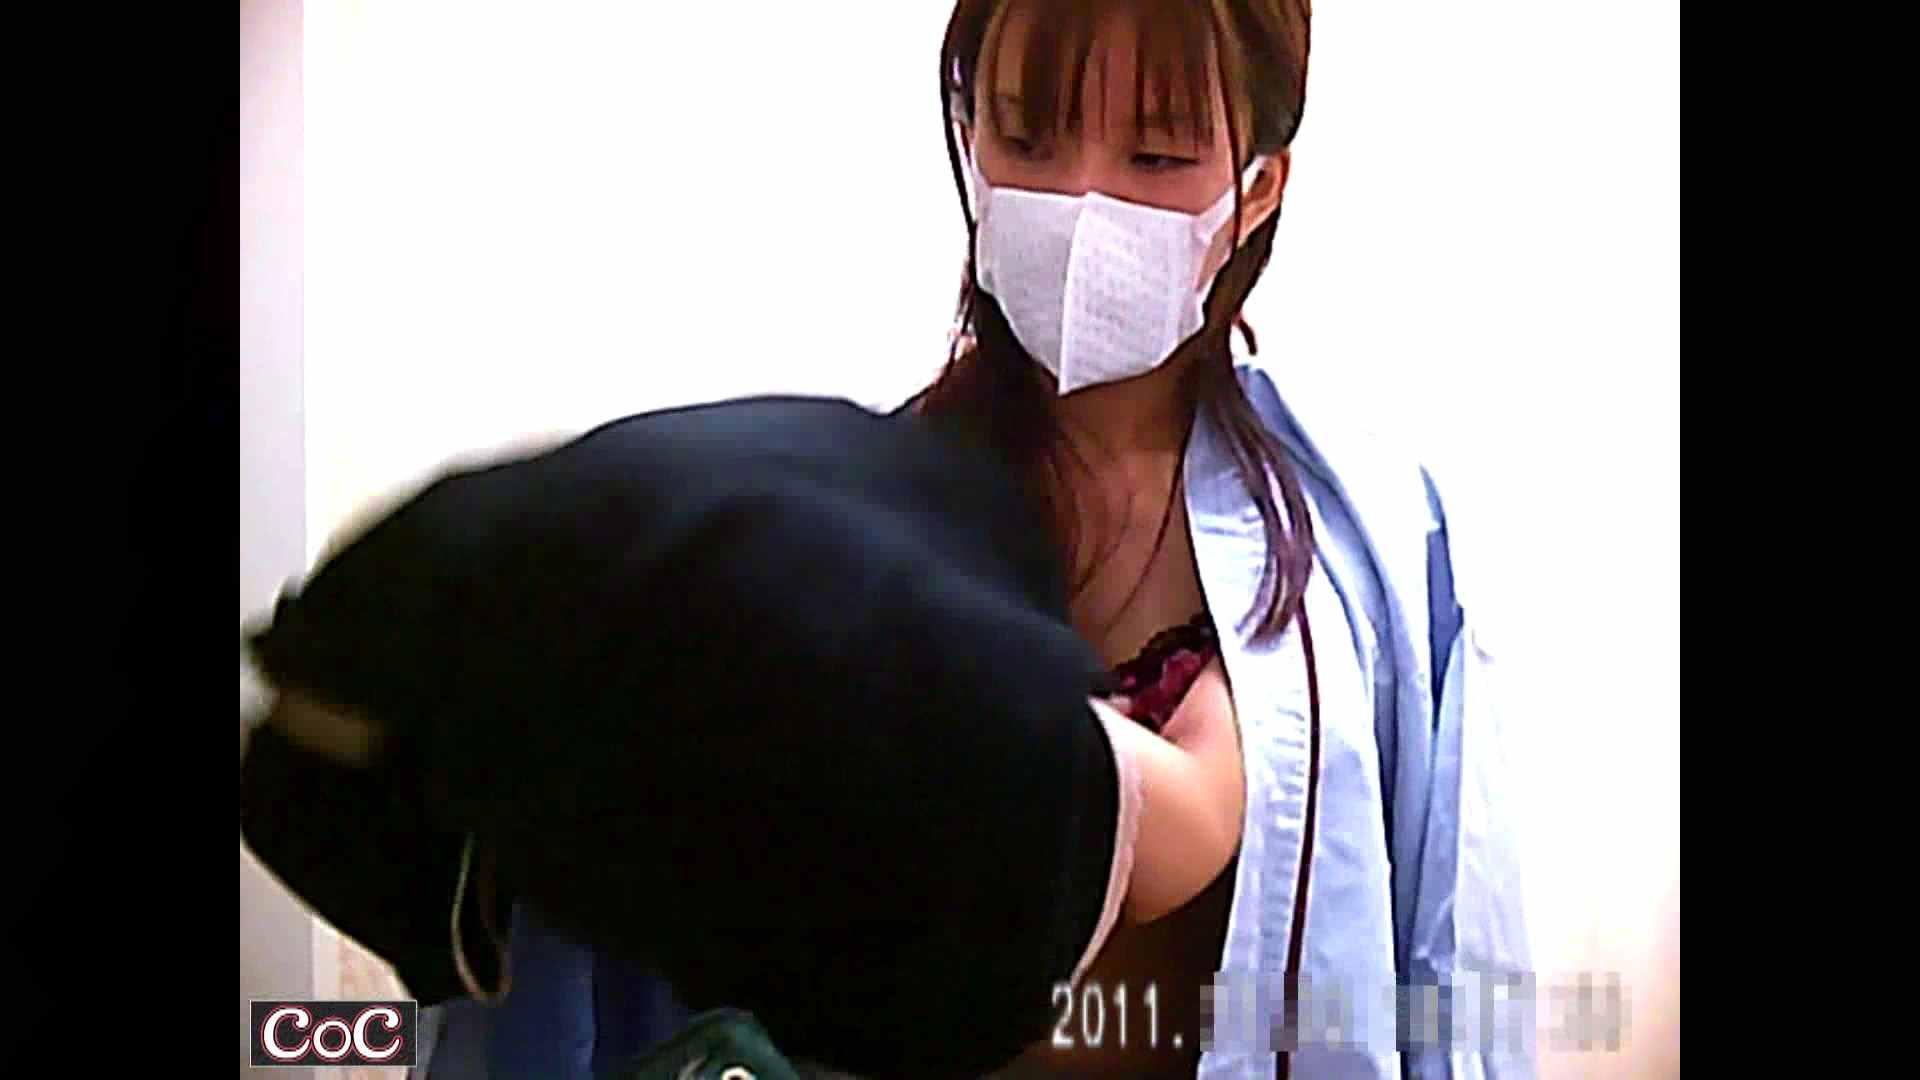 元医者による反抗 更衣室地獄絵巻 vol.216 OL | 0  51連発 16